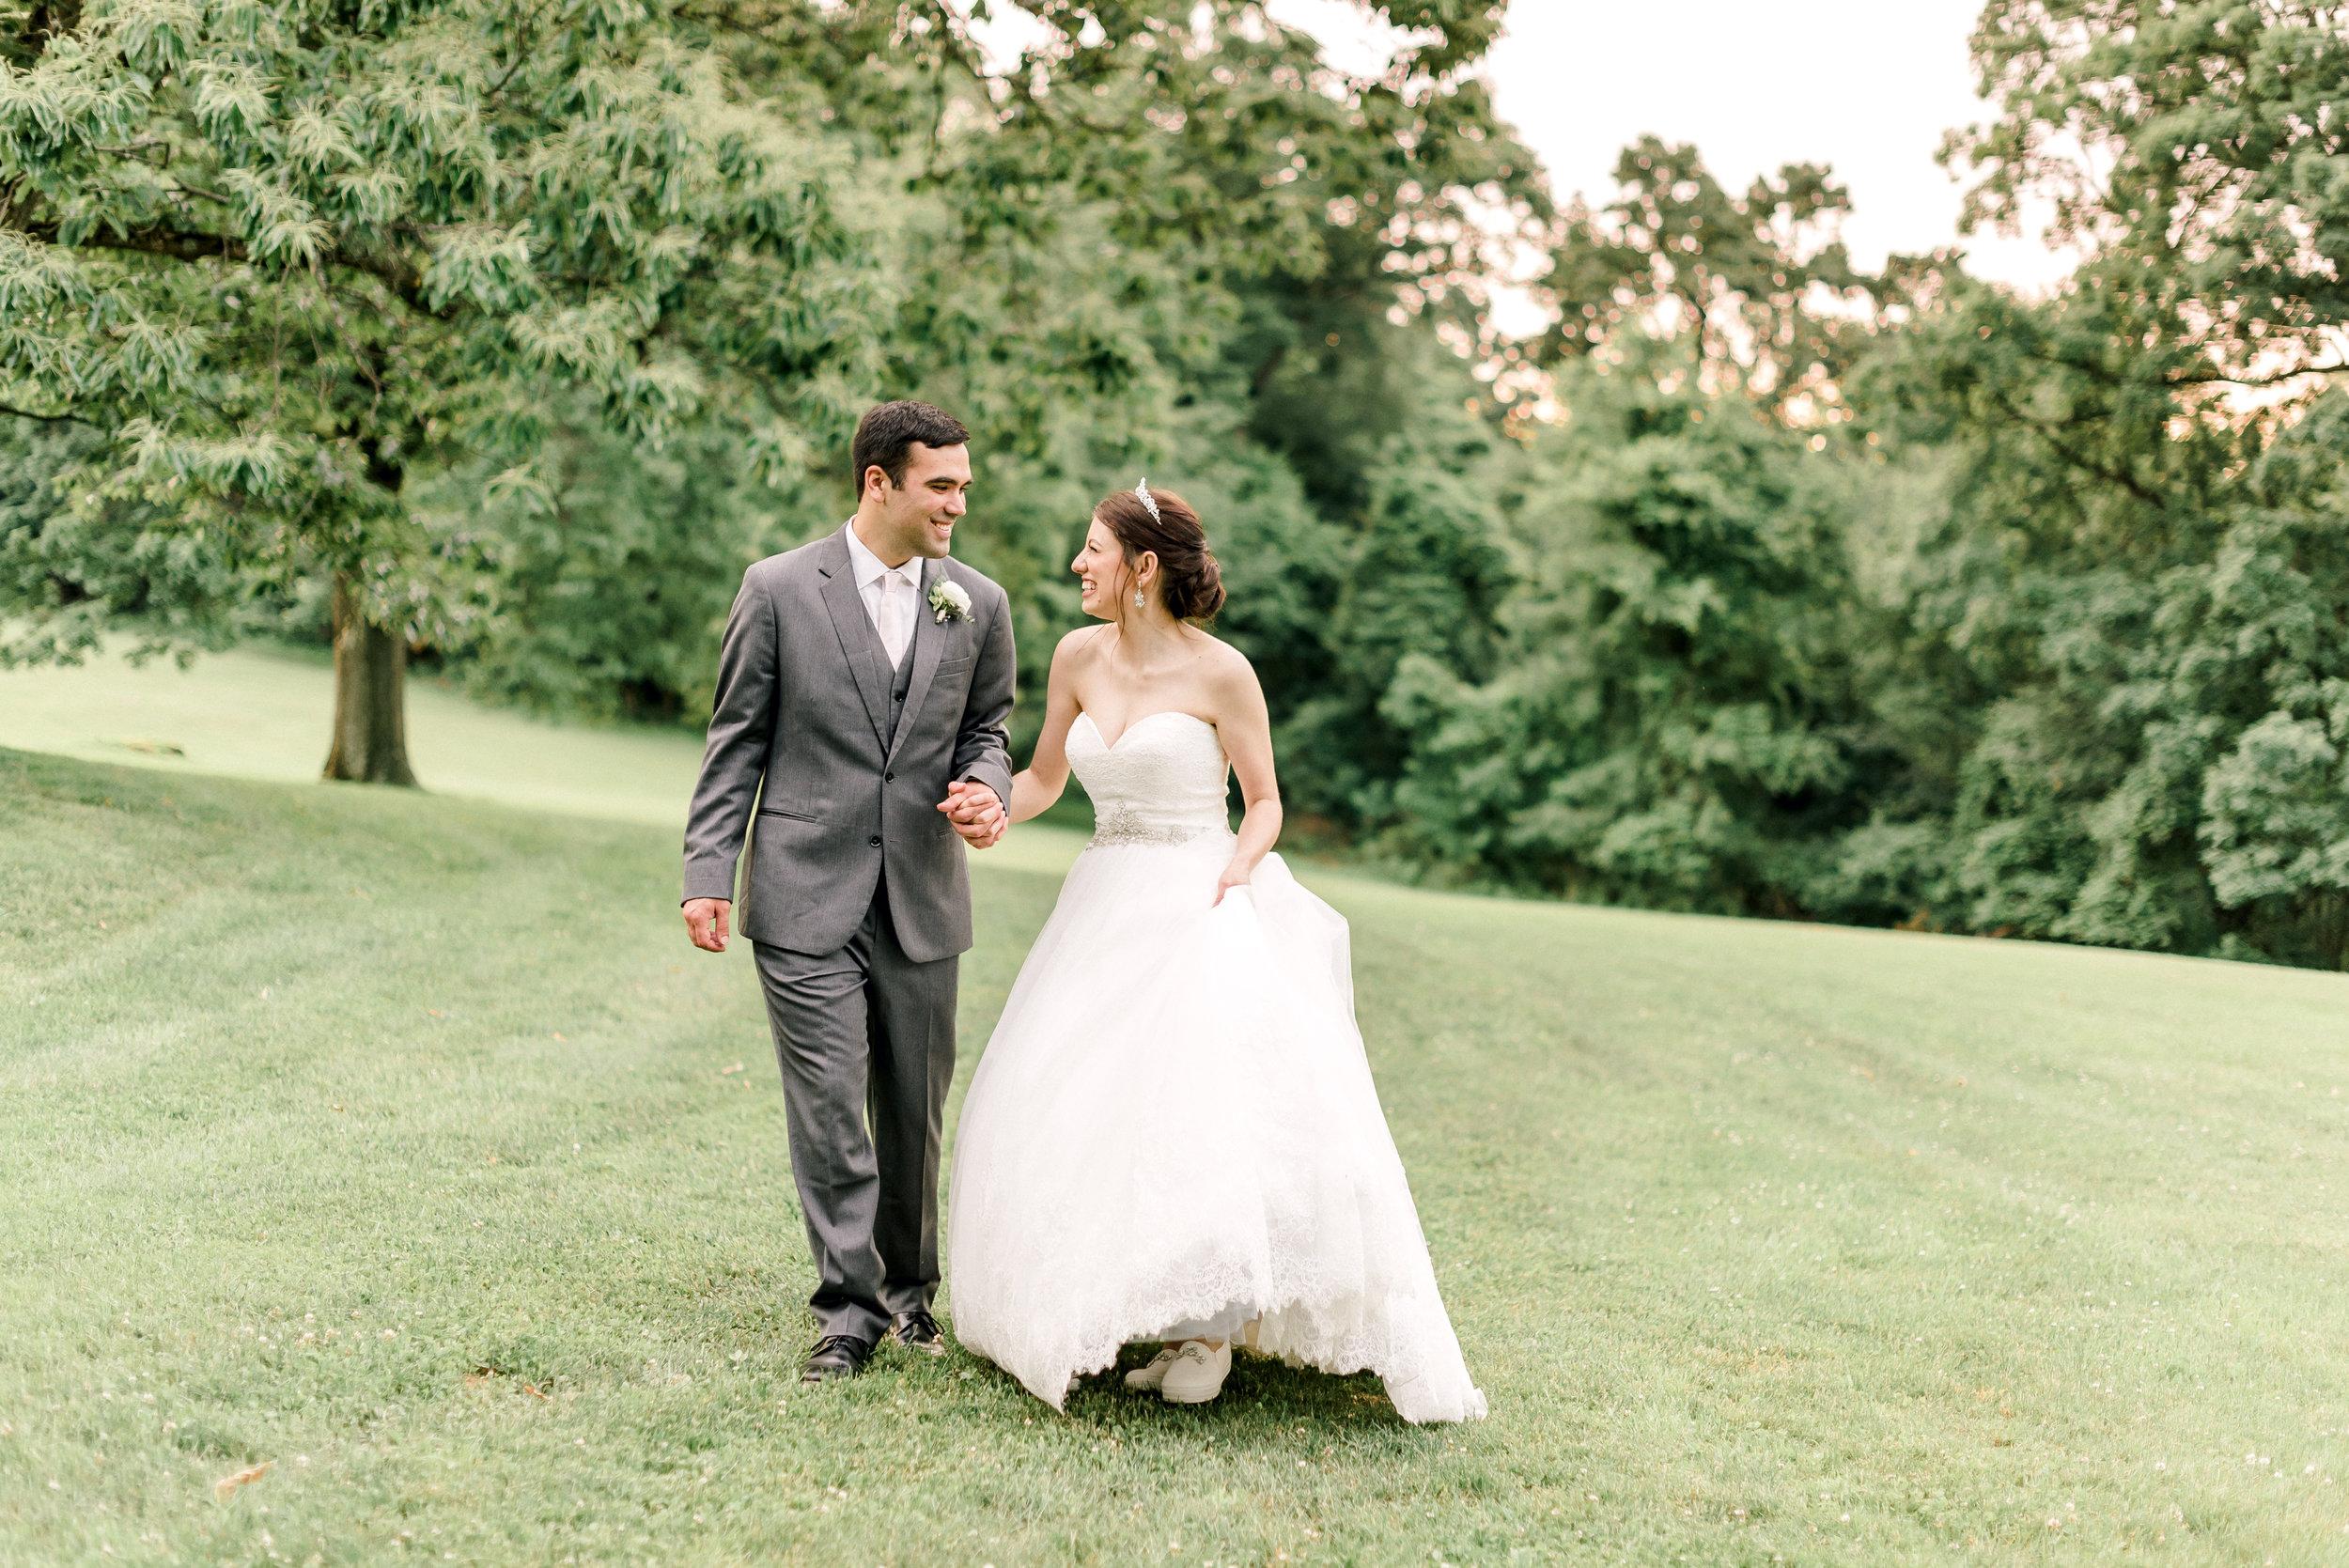 pittsburgh-wedding-photographer-hartwood-acres-0053.jpg